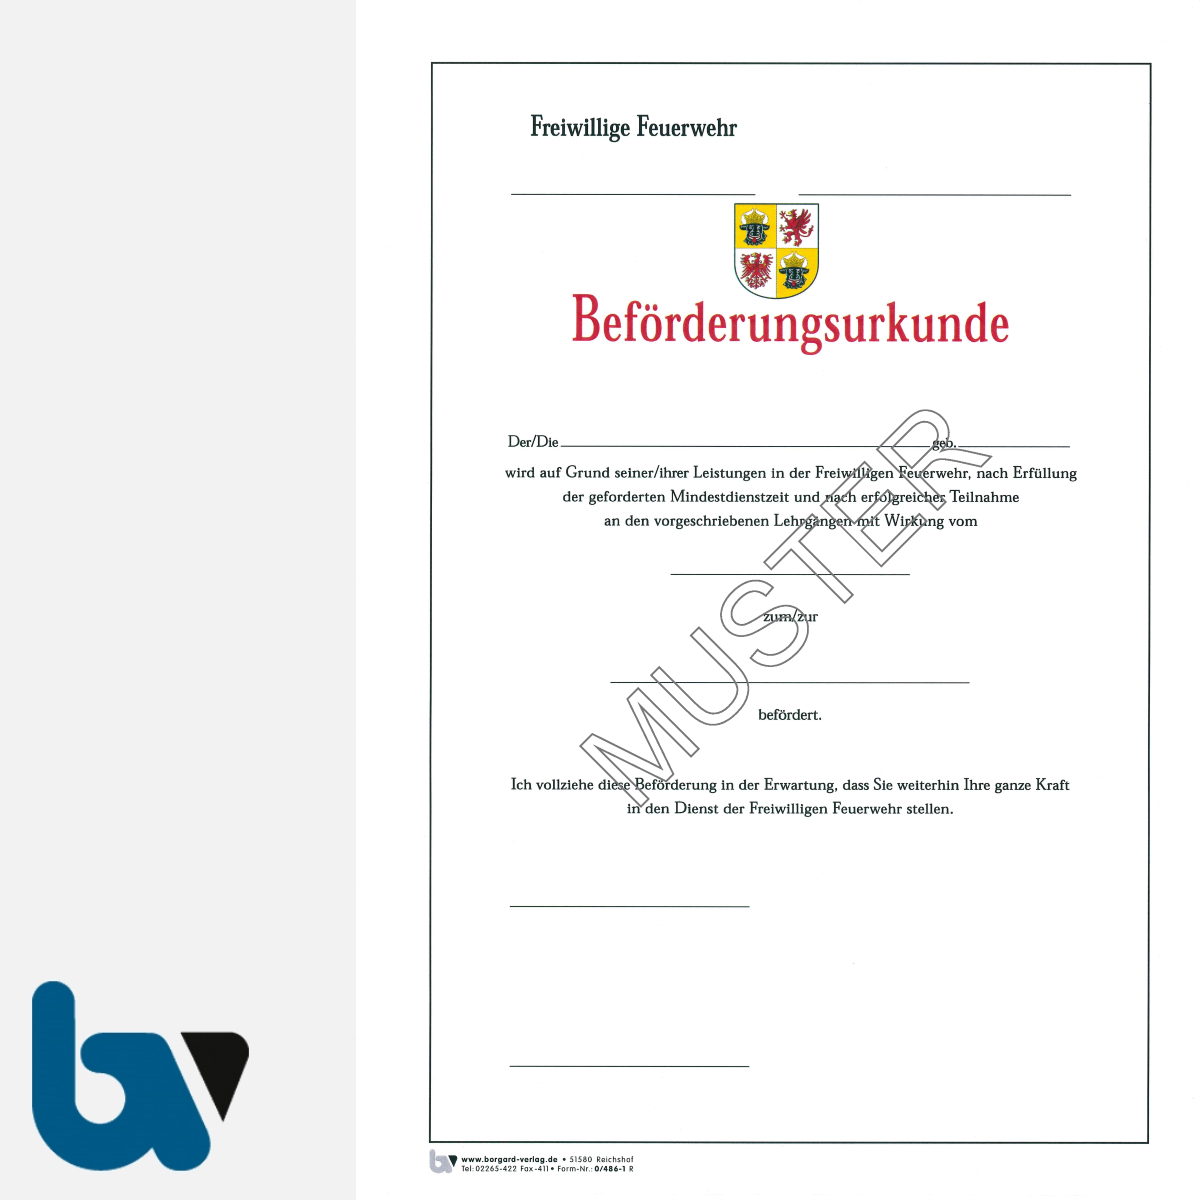 0/486-1 Beförderungsurkunde Feuerwehr Karton Mecklenburg-Vorpommern DIN A4 | Borgard Verlag GmbH